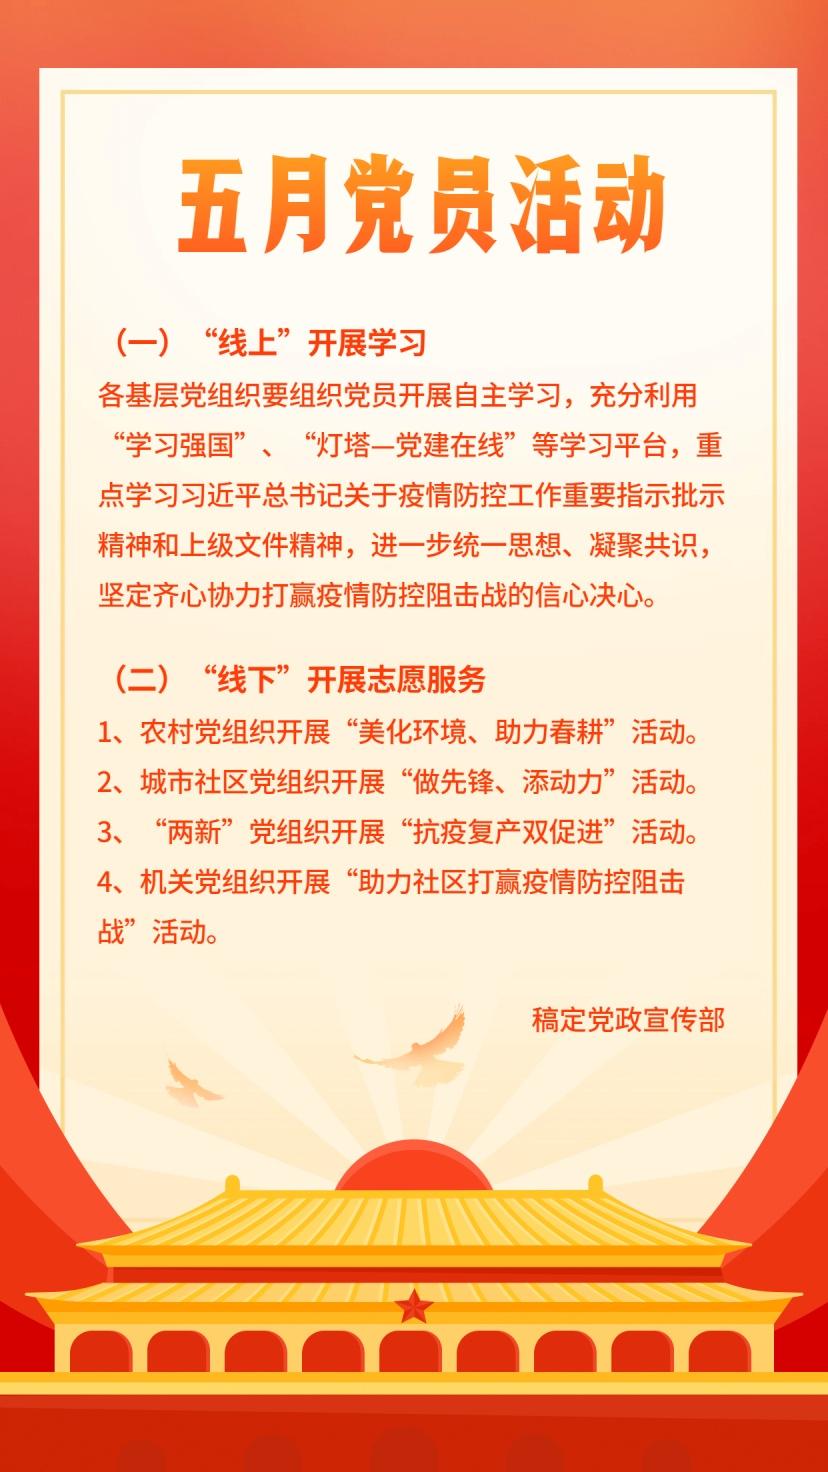 两会党员活动介绍党政教育手机海报